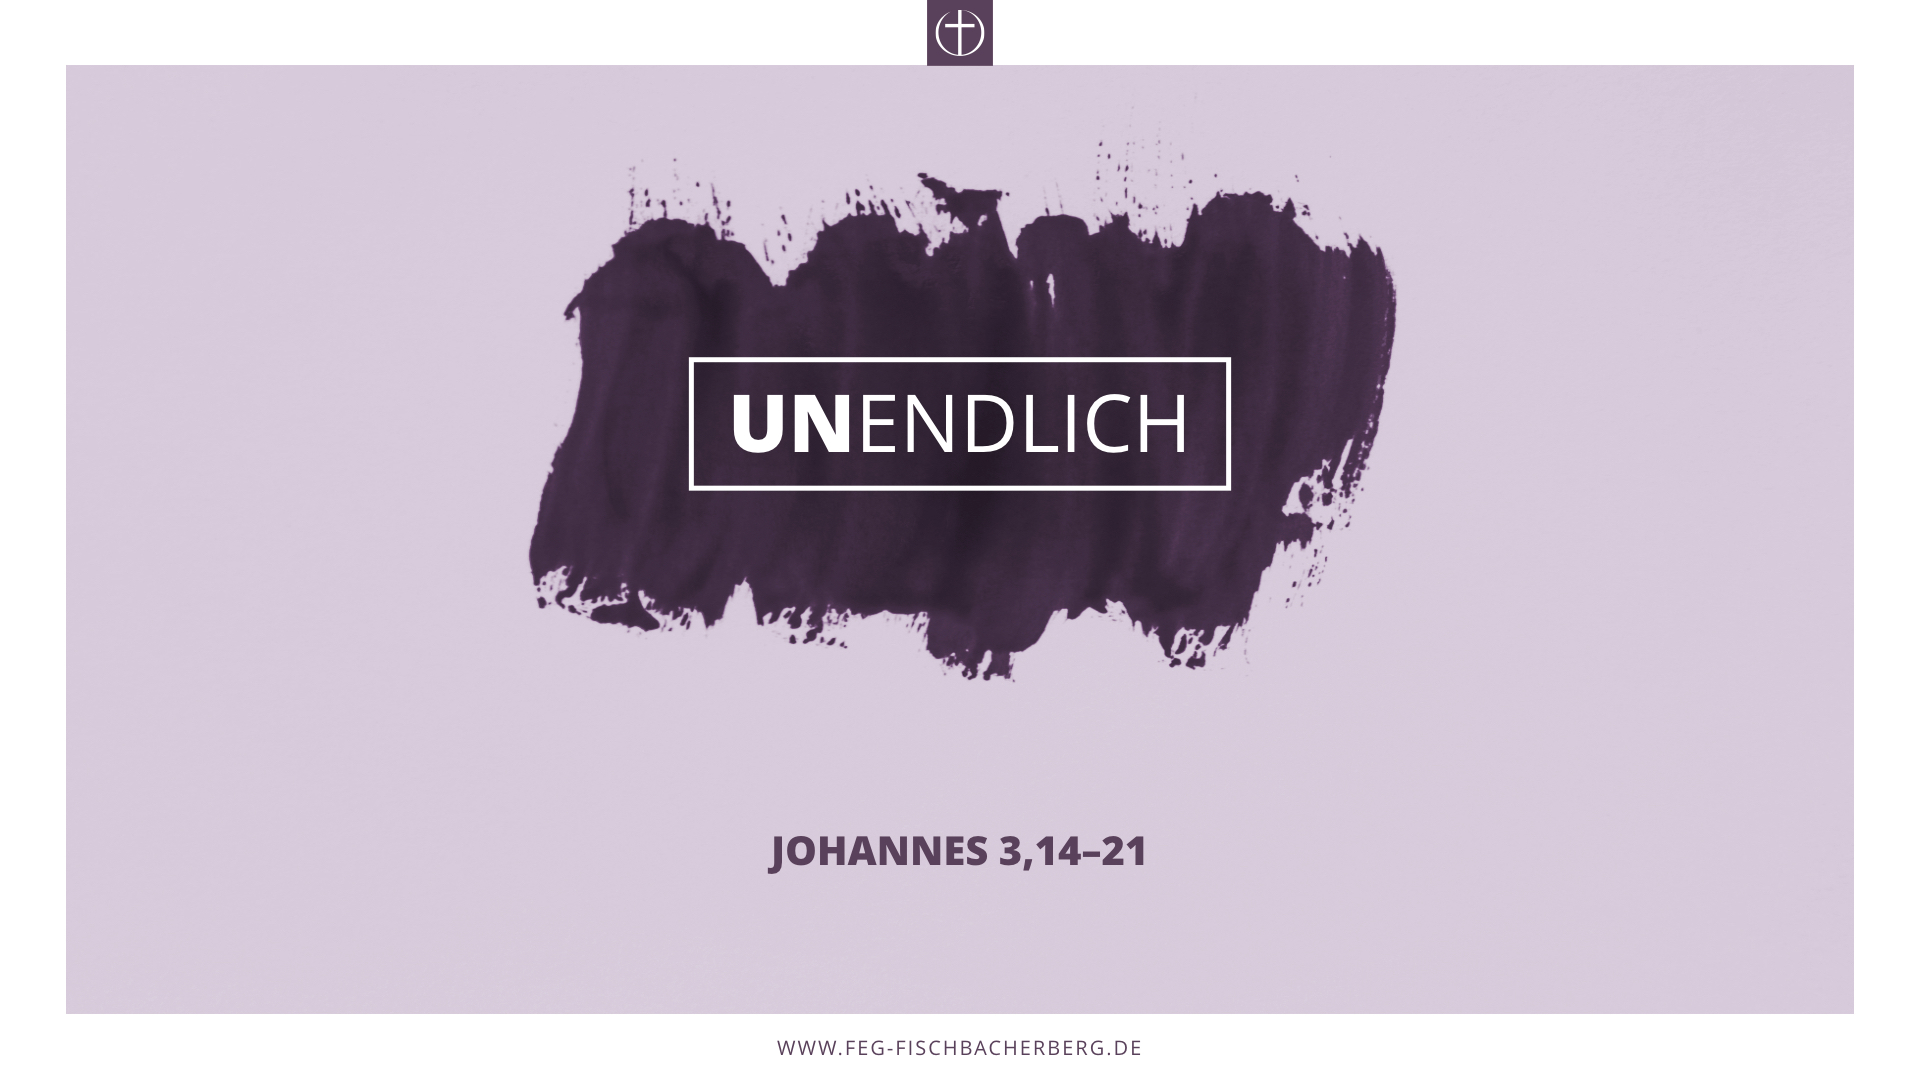 Unendlich (Leidenszeit IV)